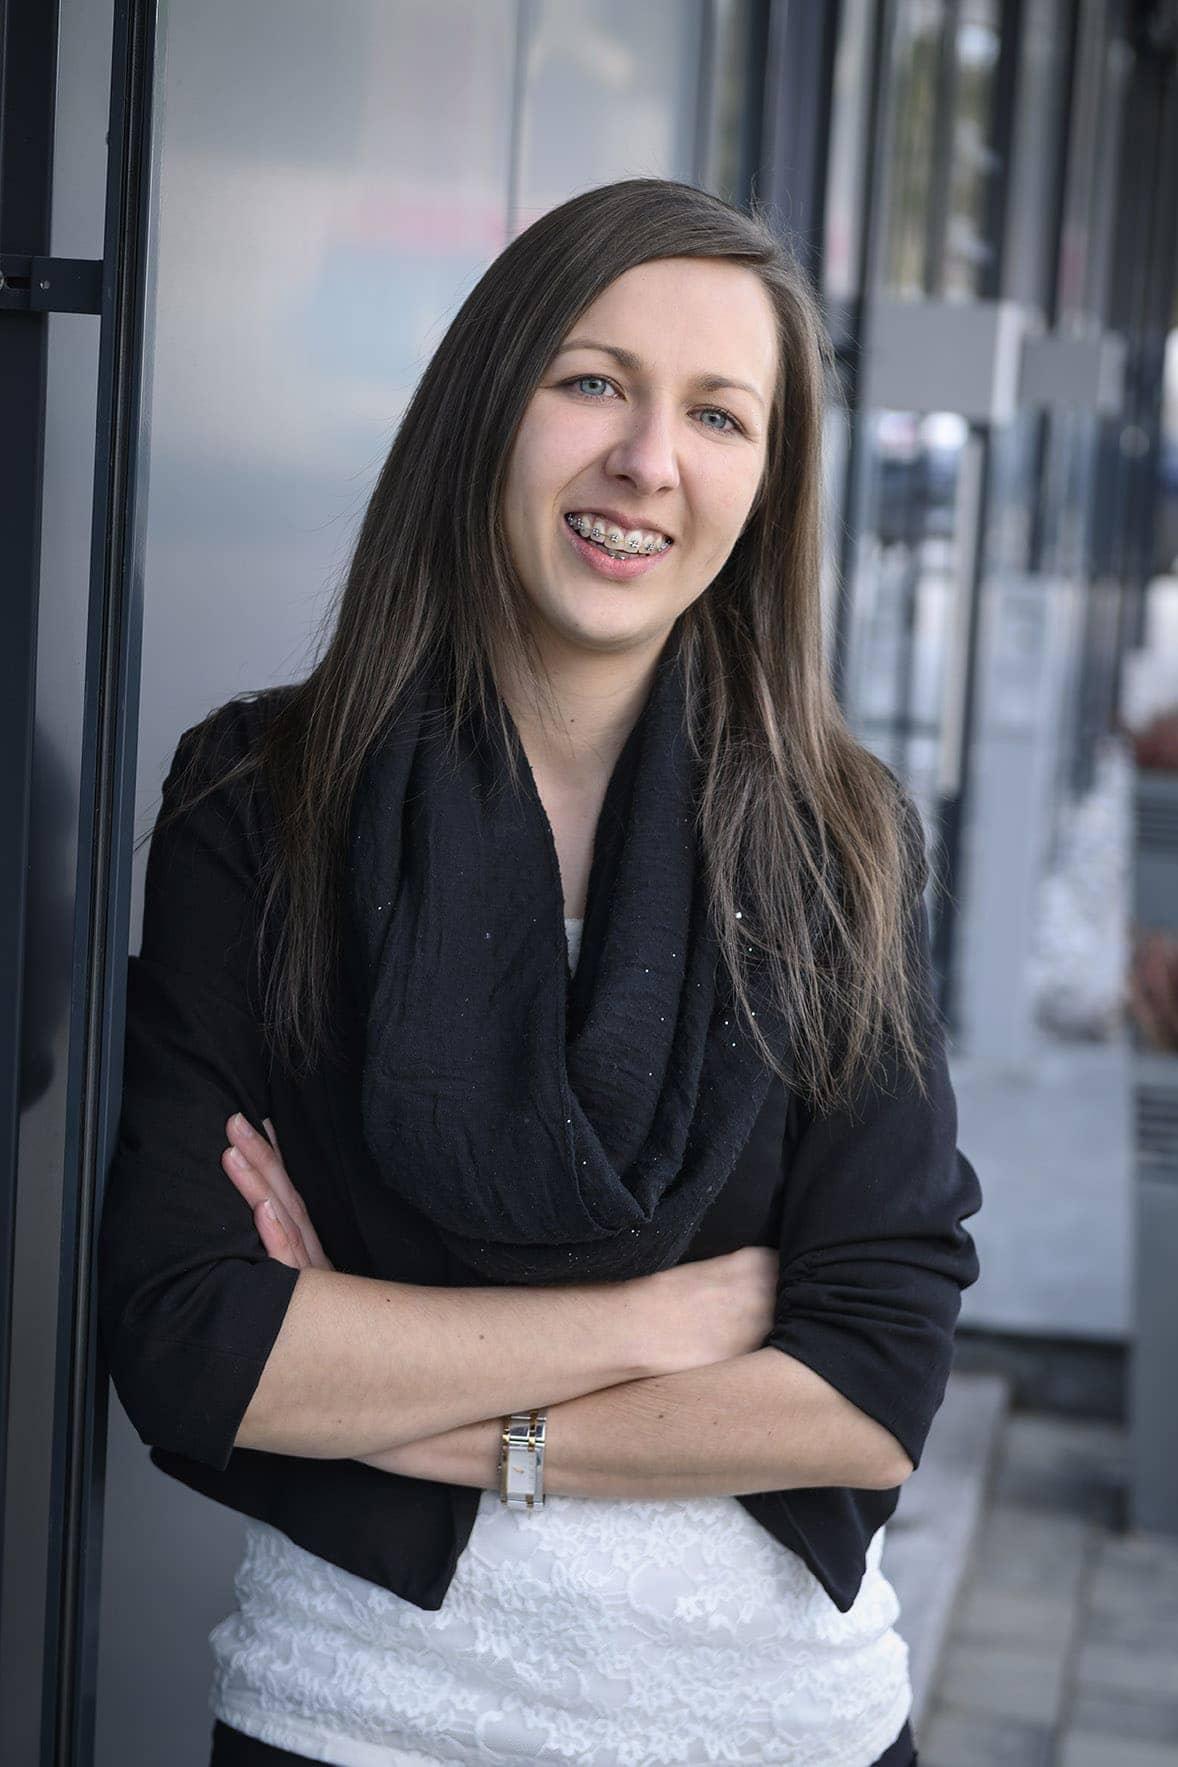 Samantha Schwarzenauer